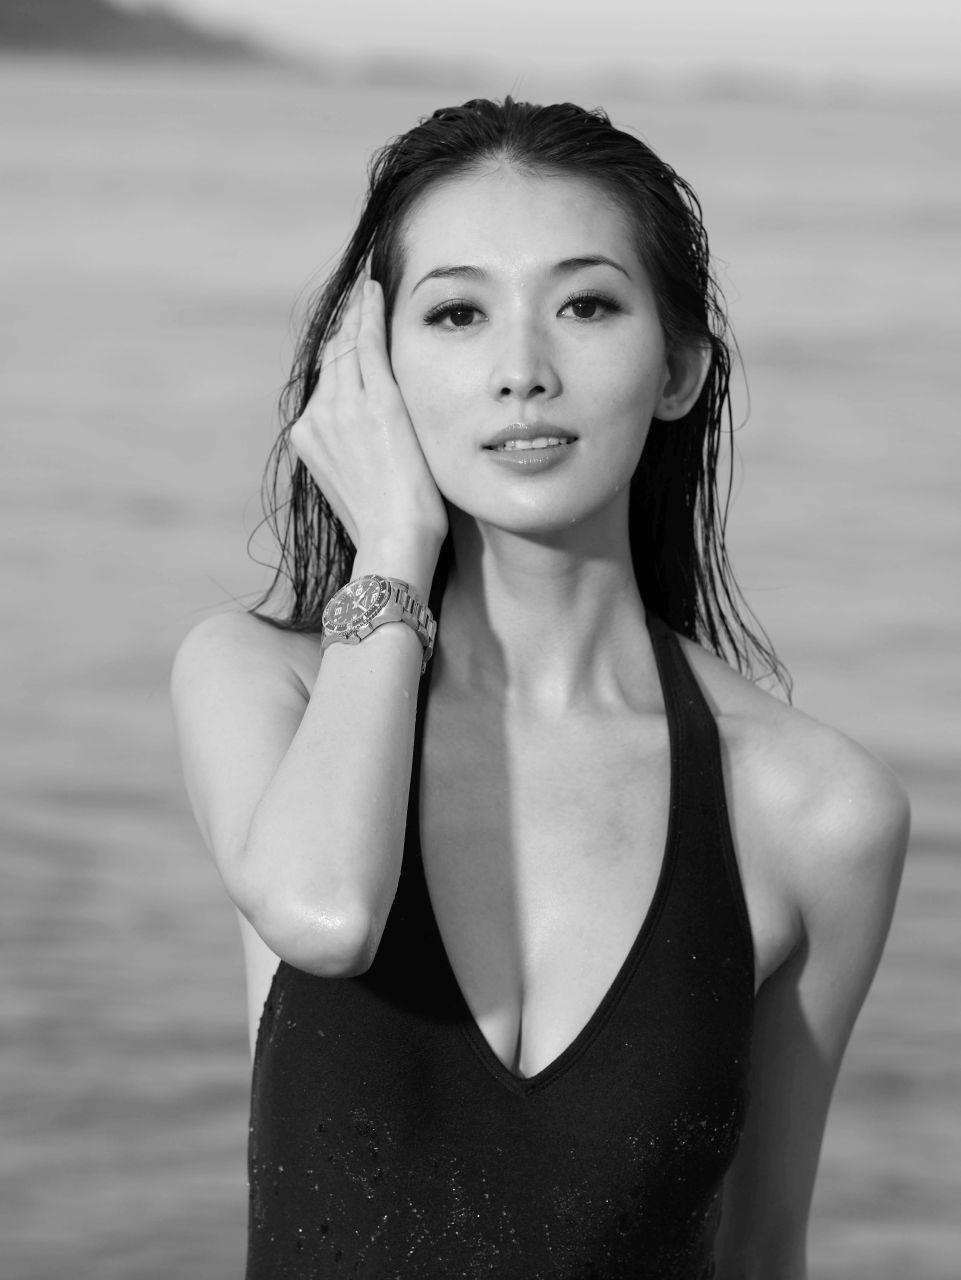 她是公认的台湾省第一美女,凭借一双美腿吸睛无数,如今却难敌岁月摧残